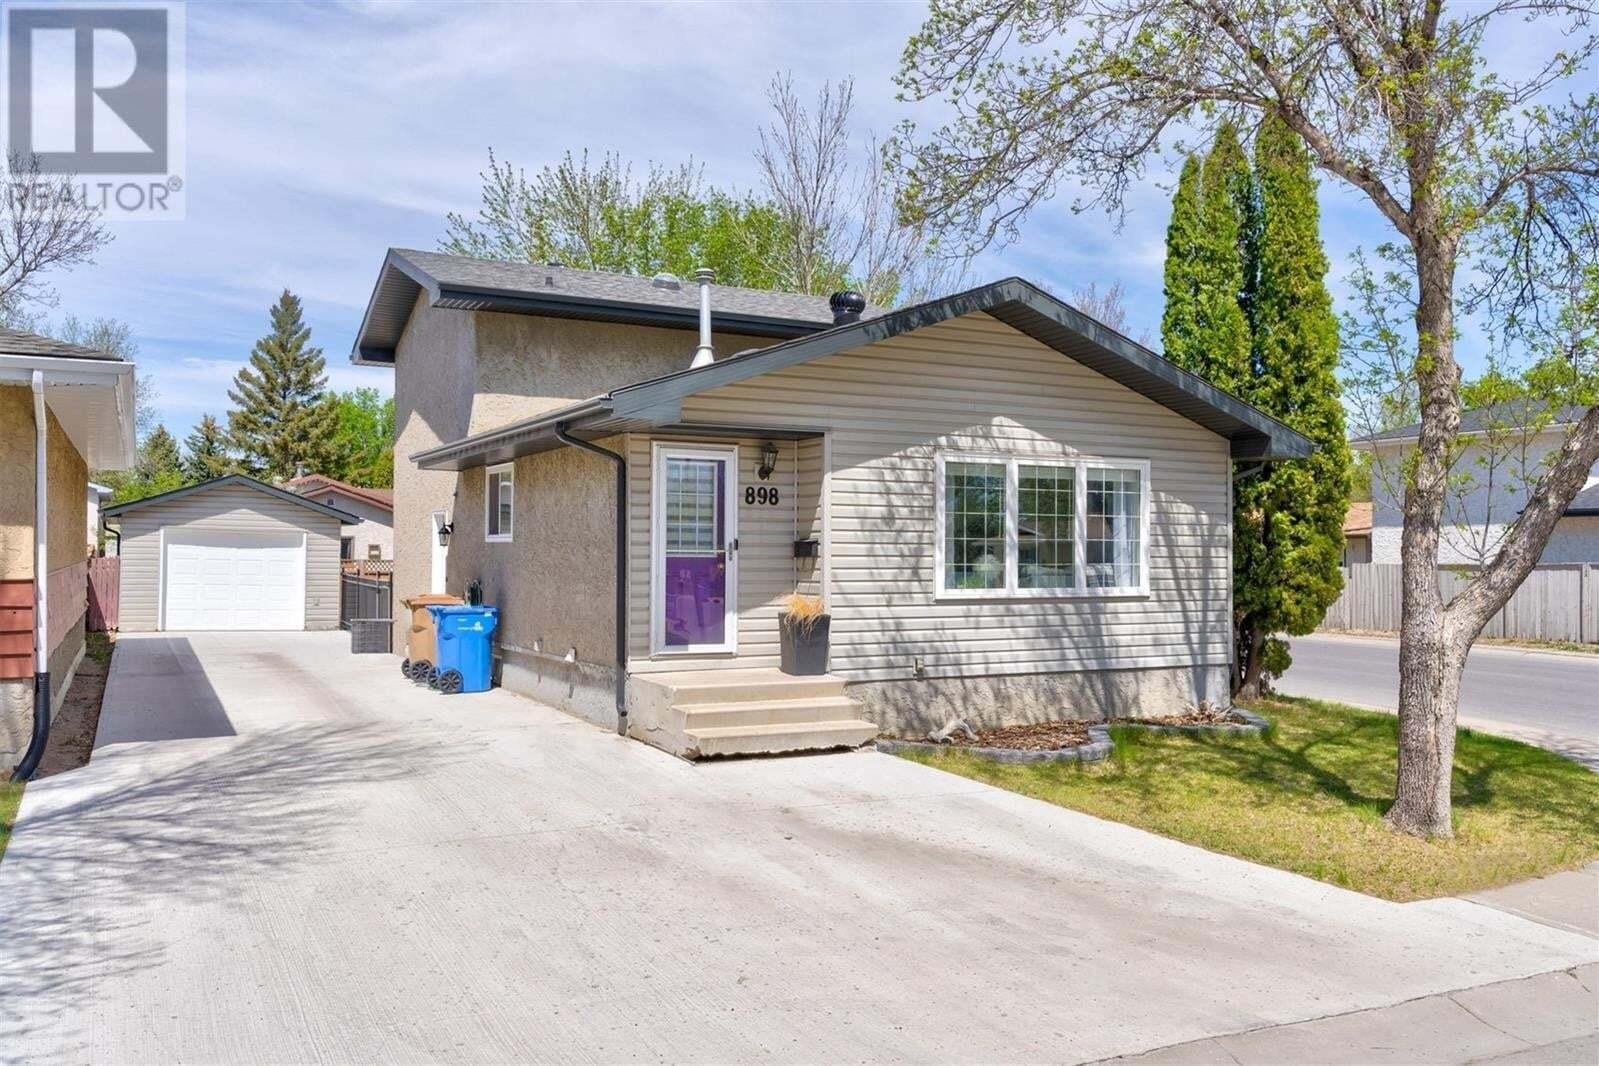 House for sale at 898 Samuels Cres N Regina Saskatchewan - MLS: SK809464